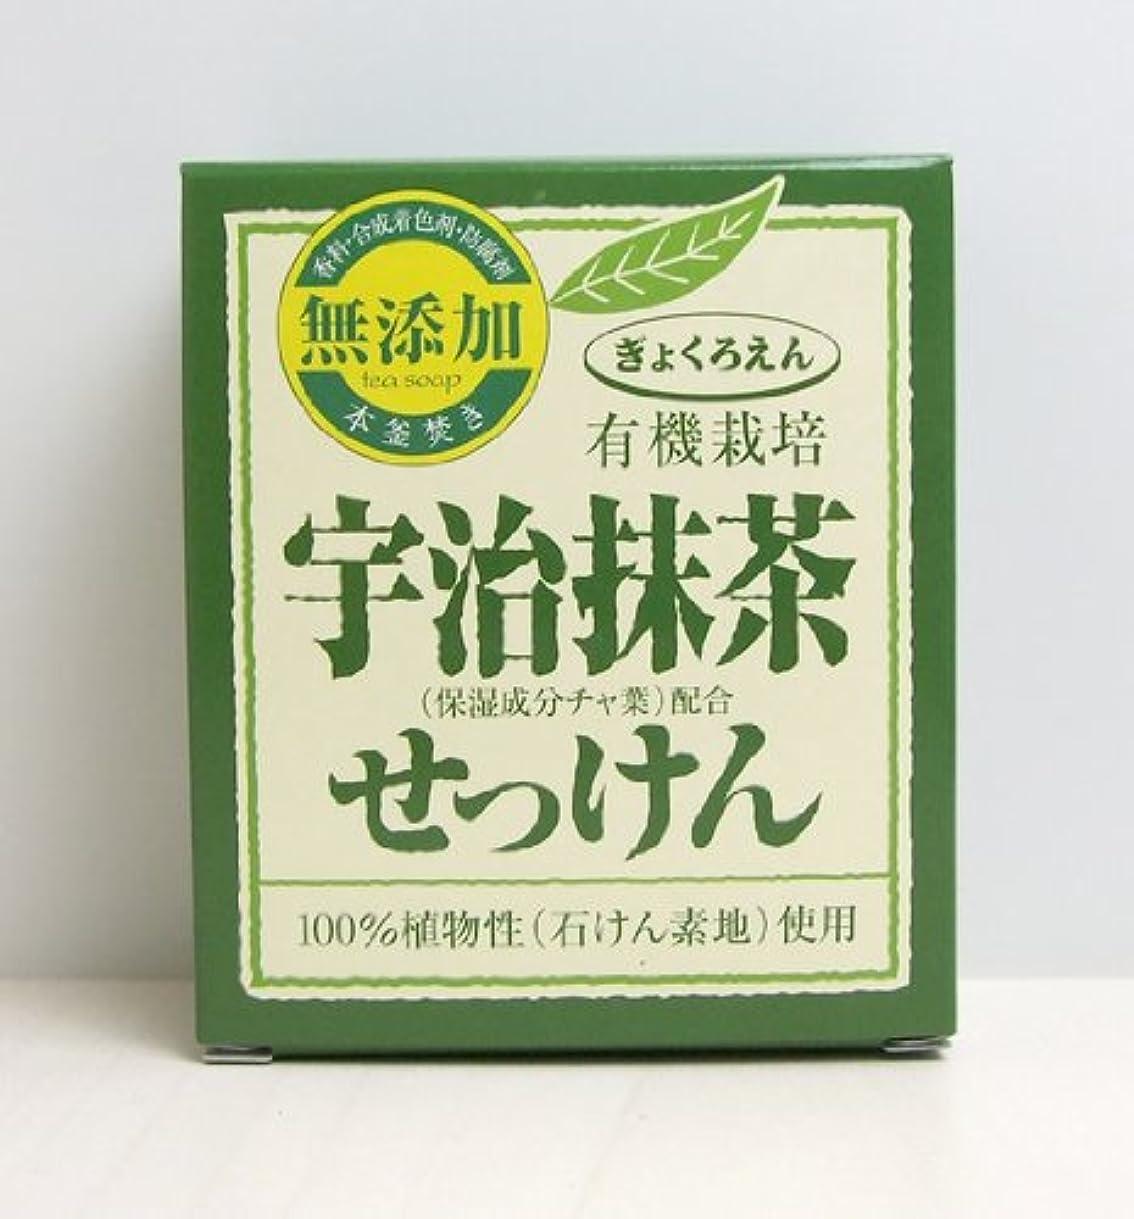 思い出す軌道ベルお茶のせっけん:有機栽培宇治抹茶せっけん